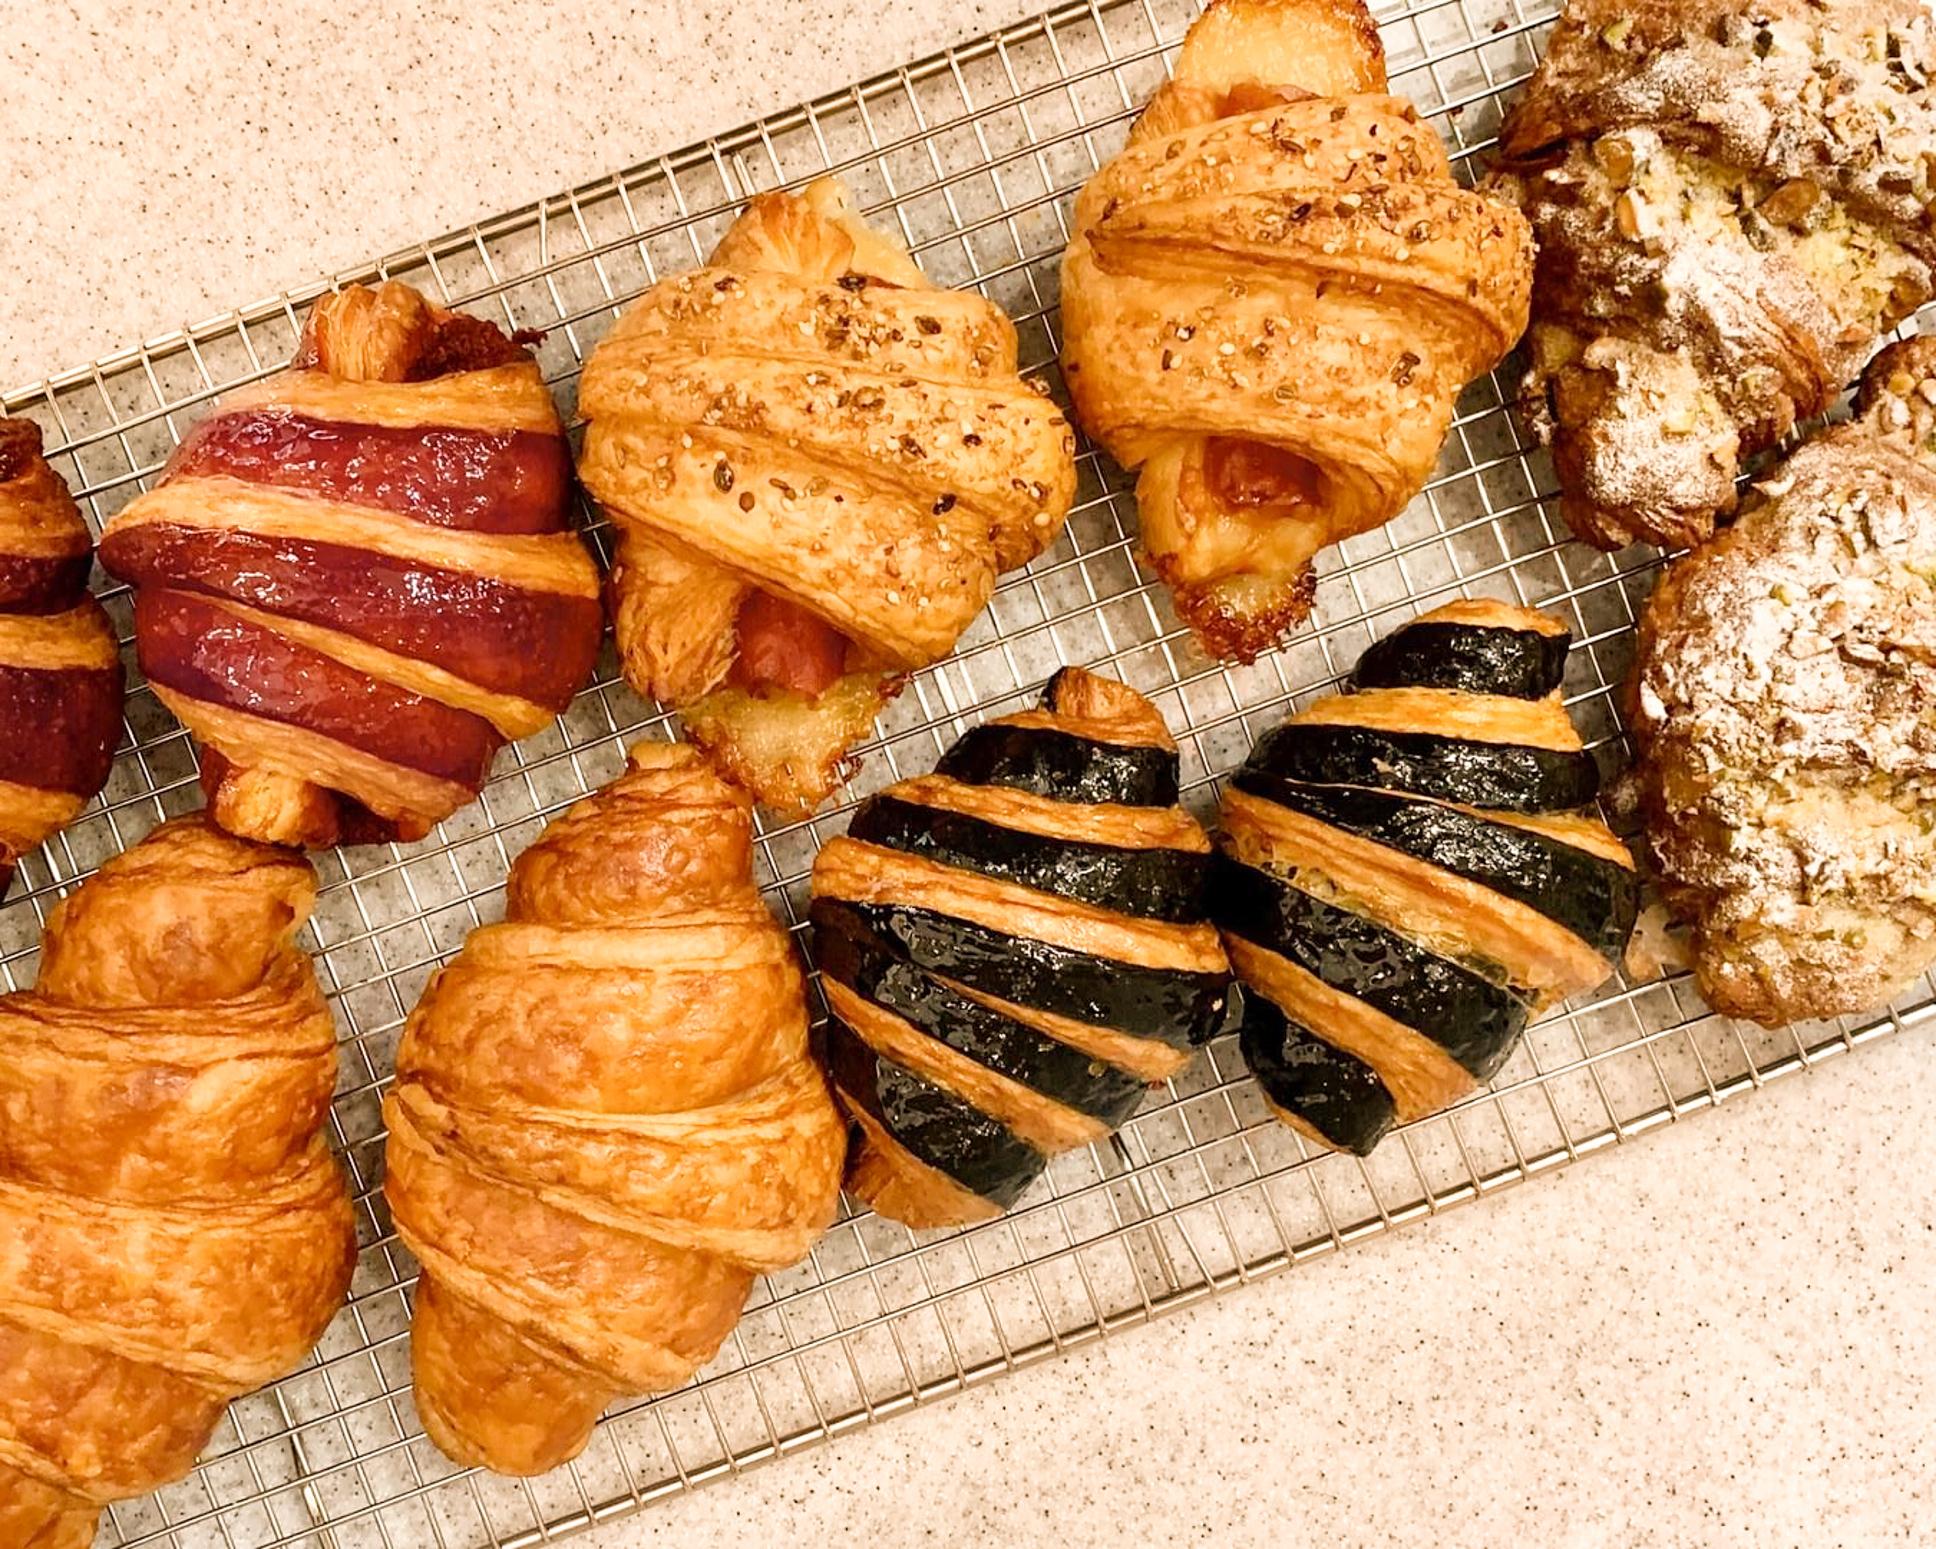 Plentyfull Bakery and Deli